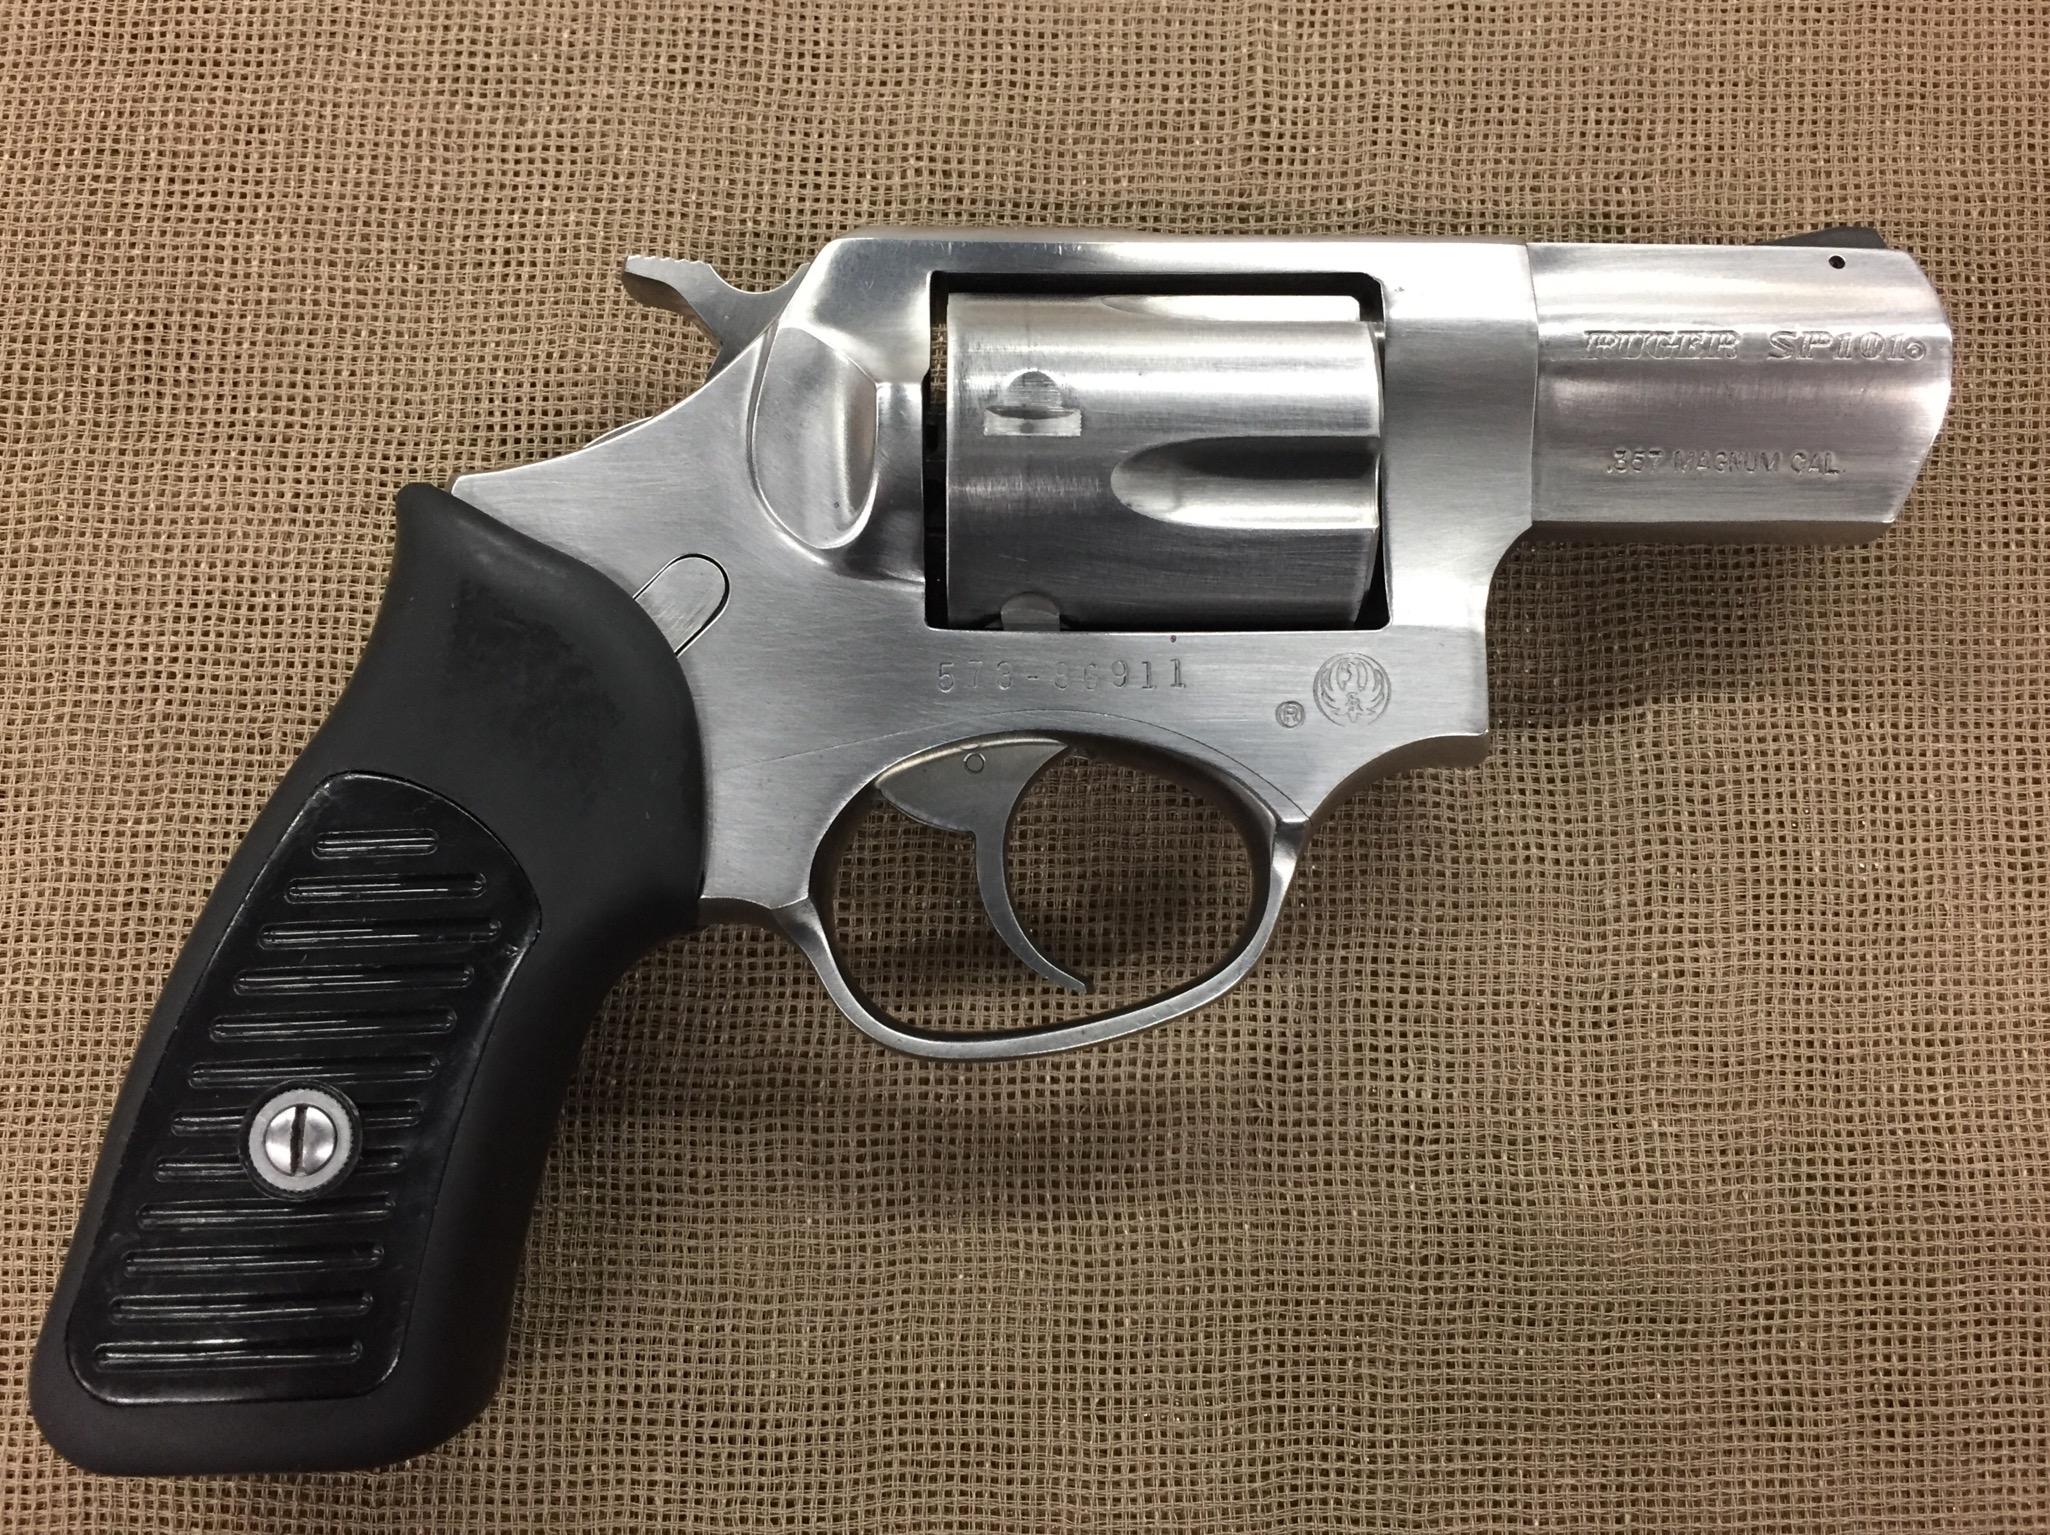 Ruger Model Sp101 357 Magnum 2 25 Stainless Saddle